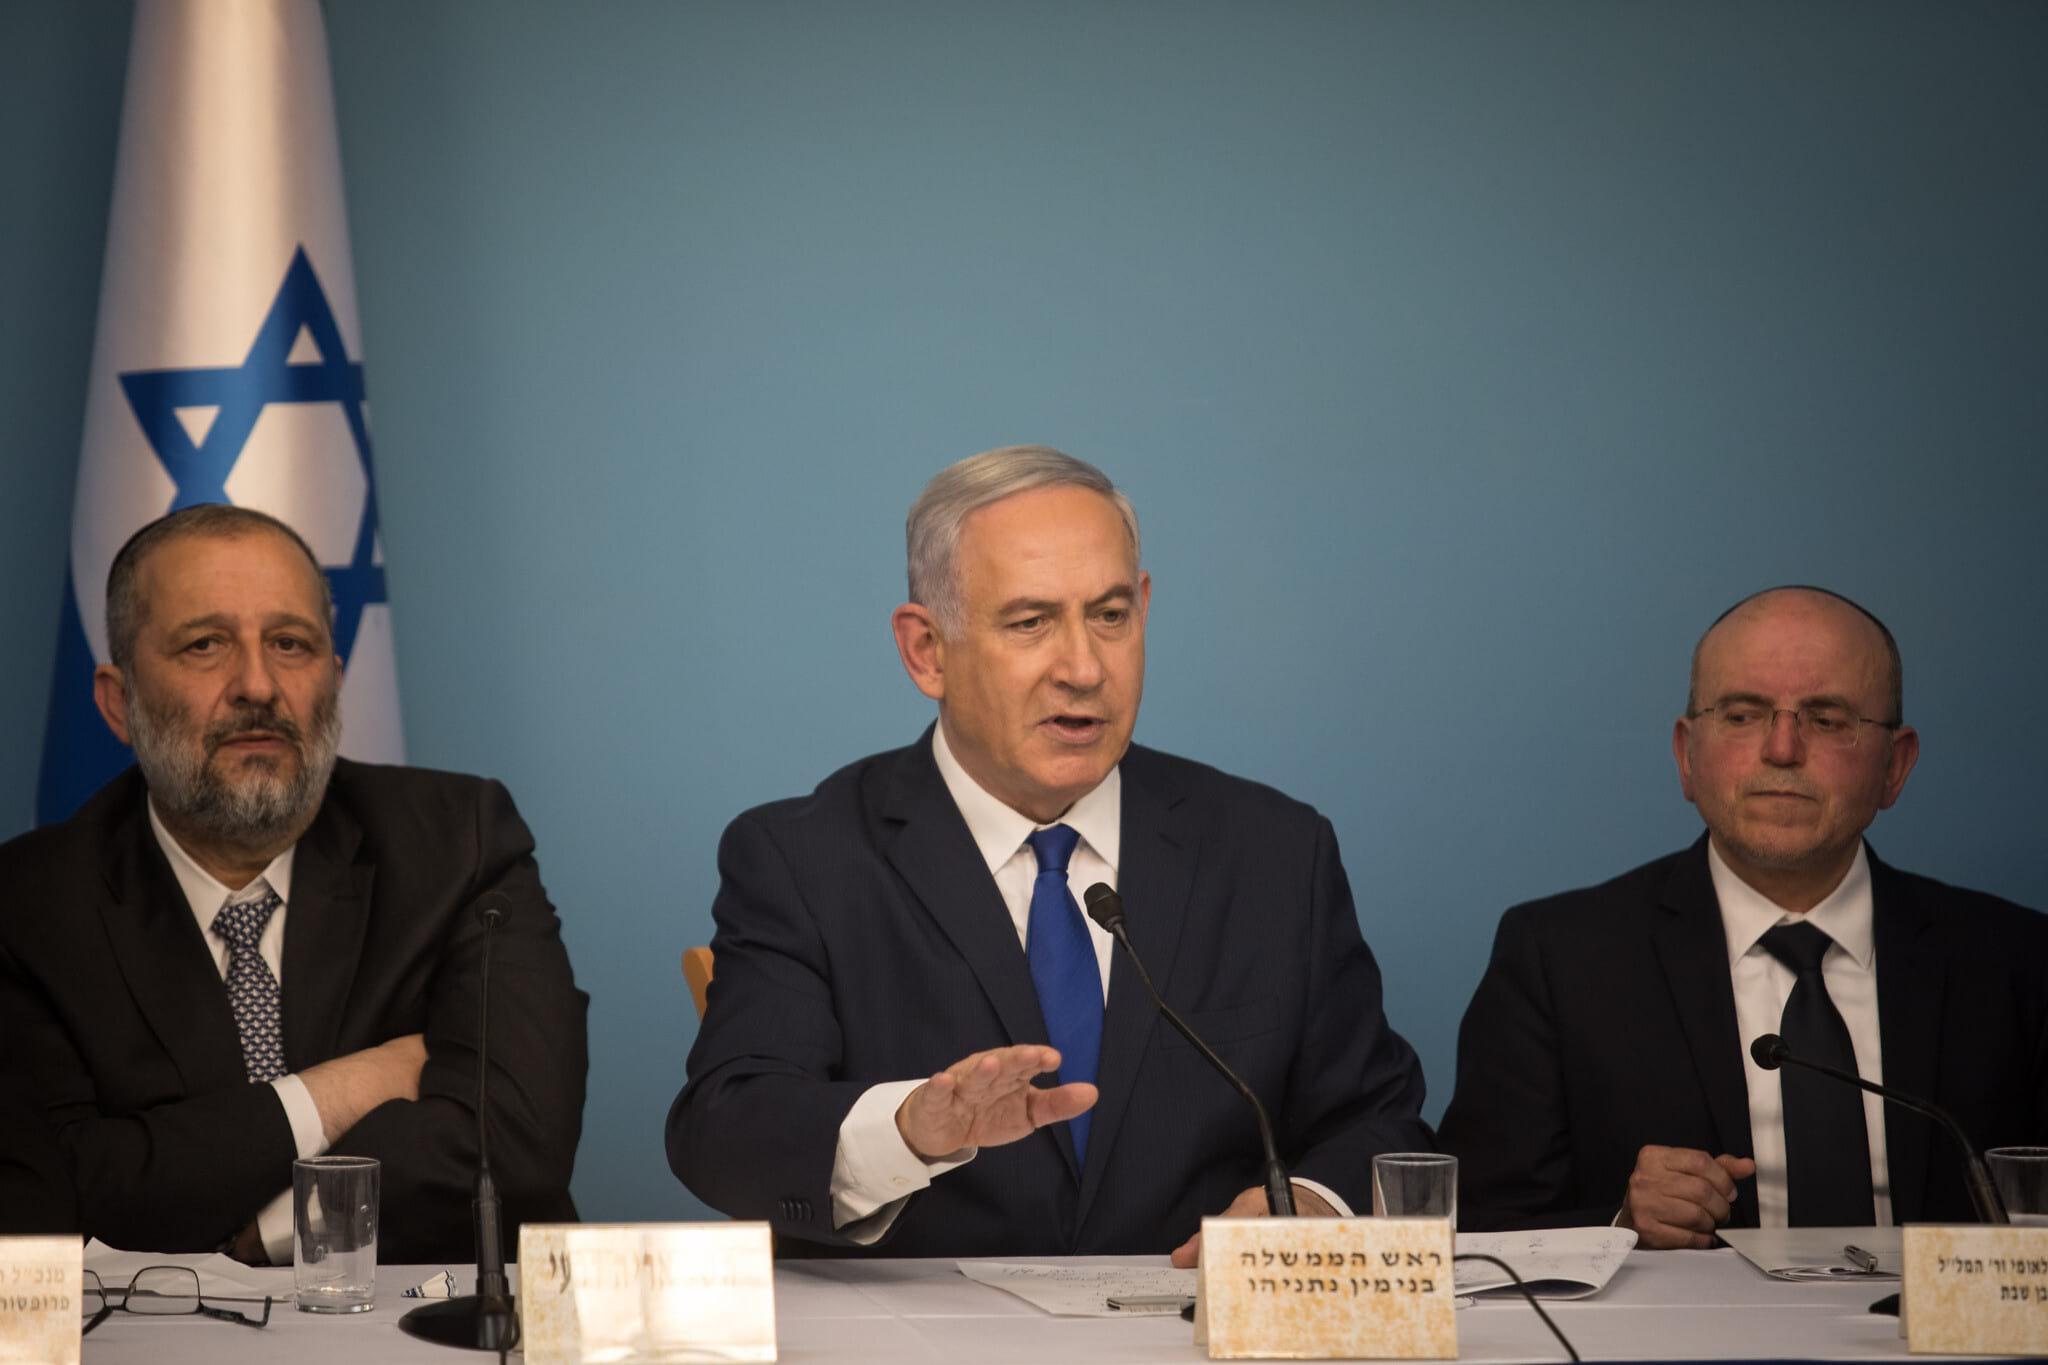 правительство израиля фото